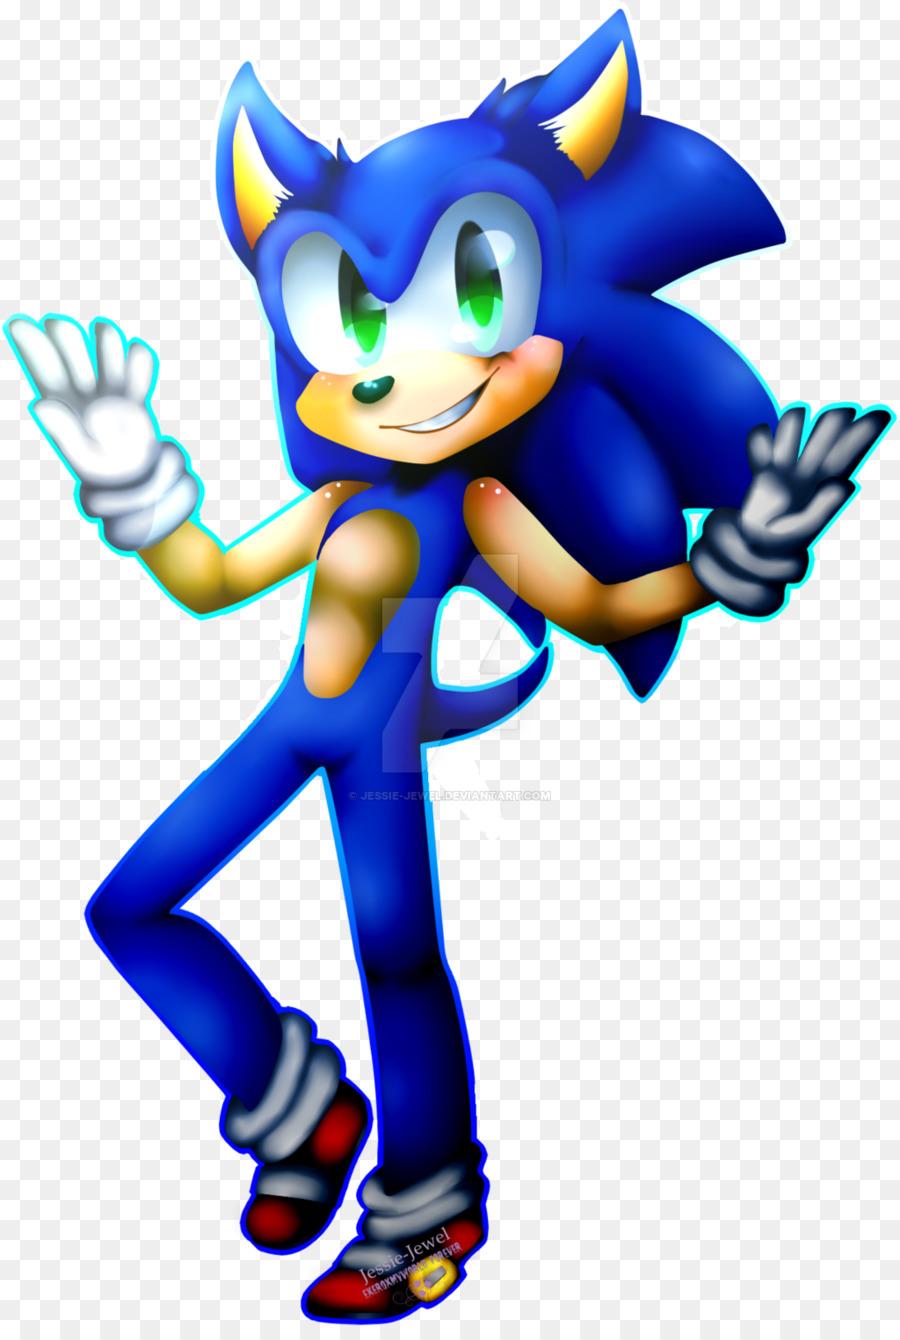 Colas de Dibujo de Sonic the Hedgehog Arte - sonic the hedgehog ...